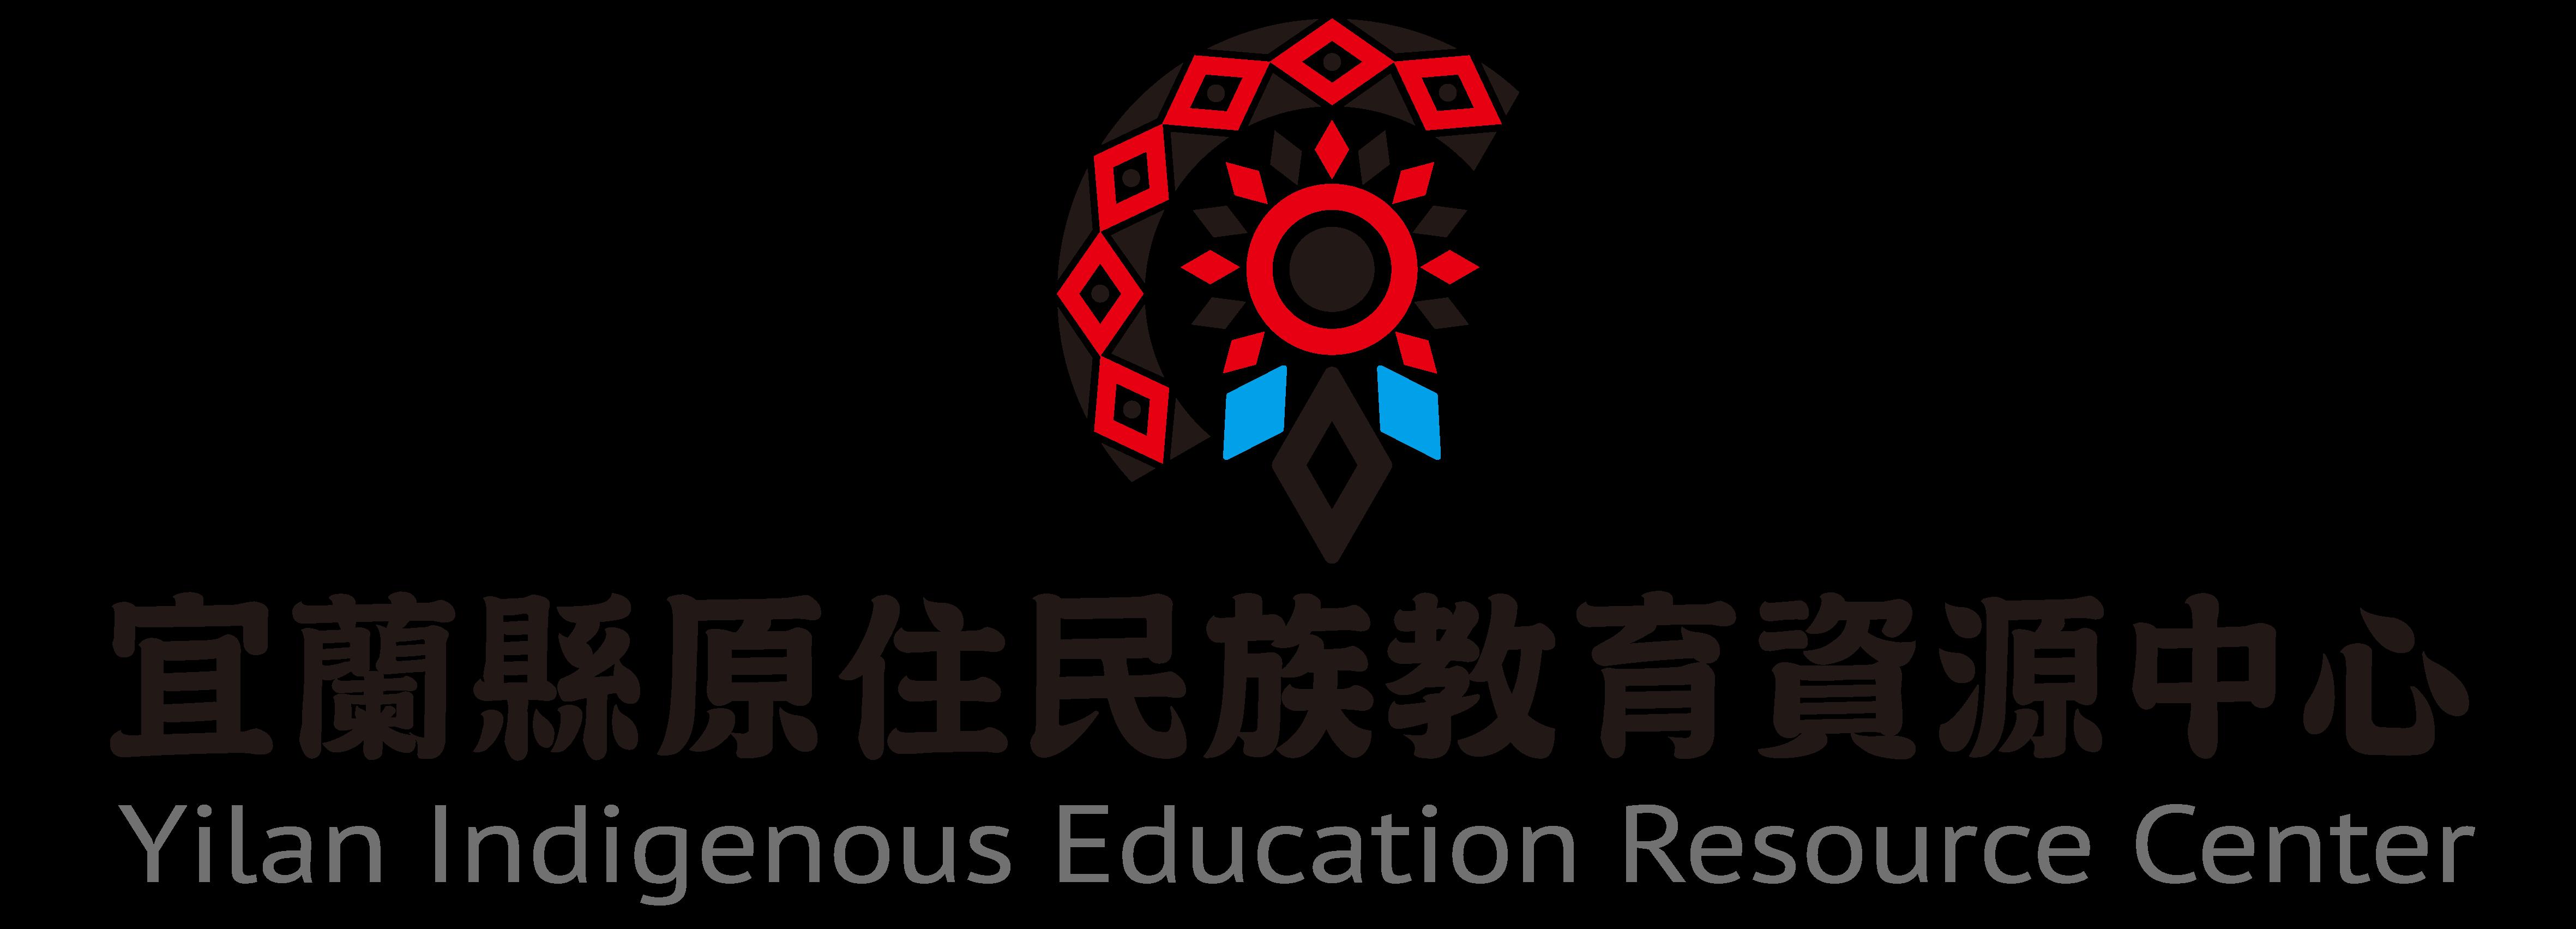 宜蘭縣原住民族教育資源中心